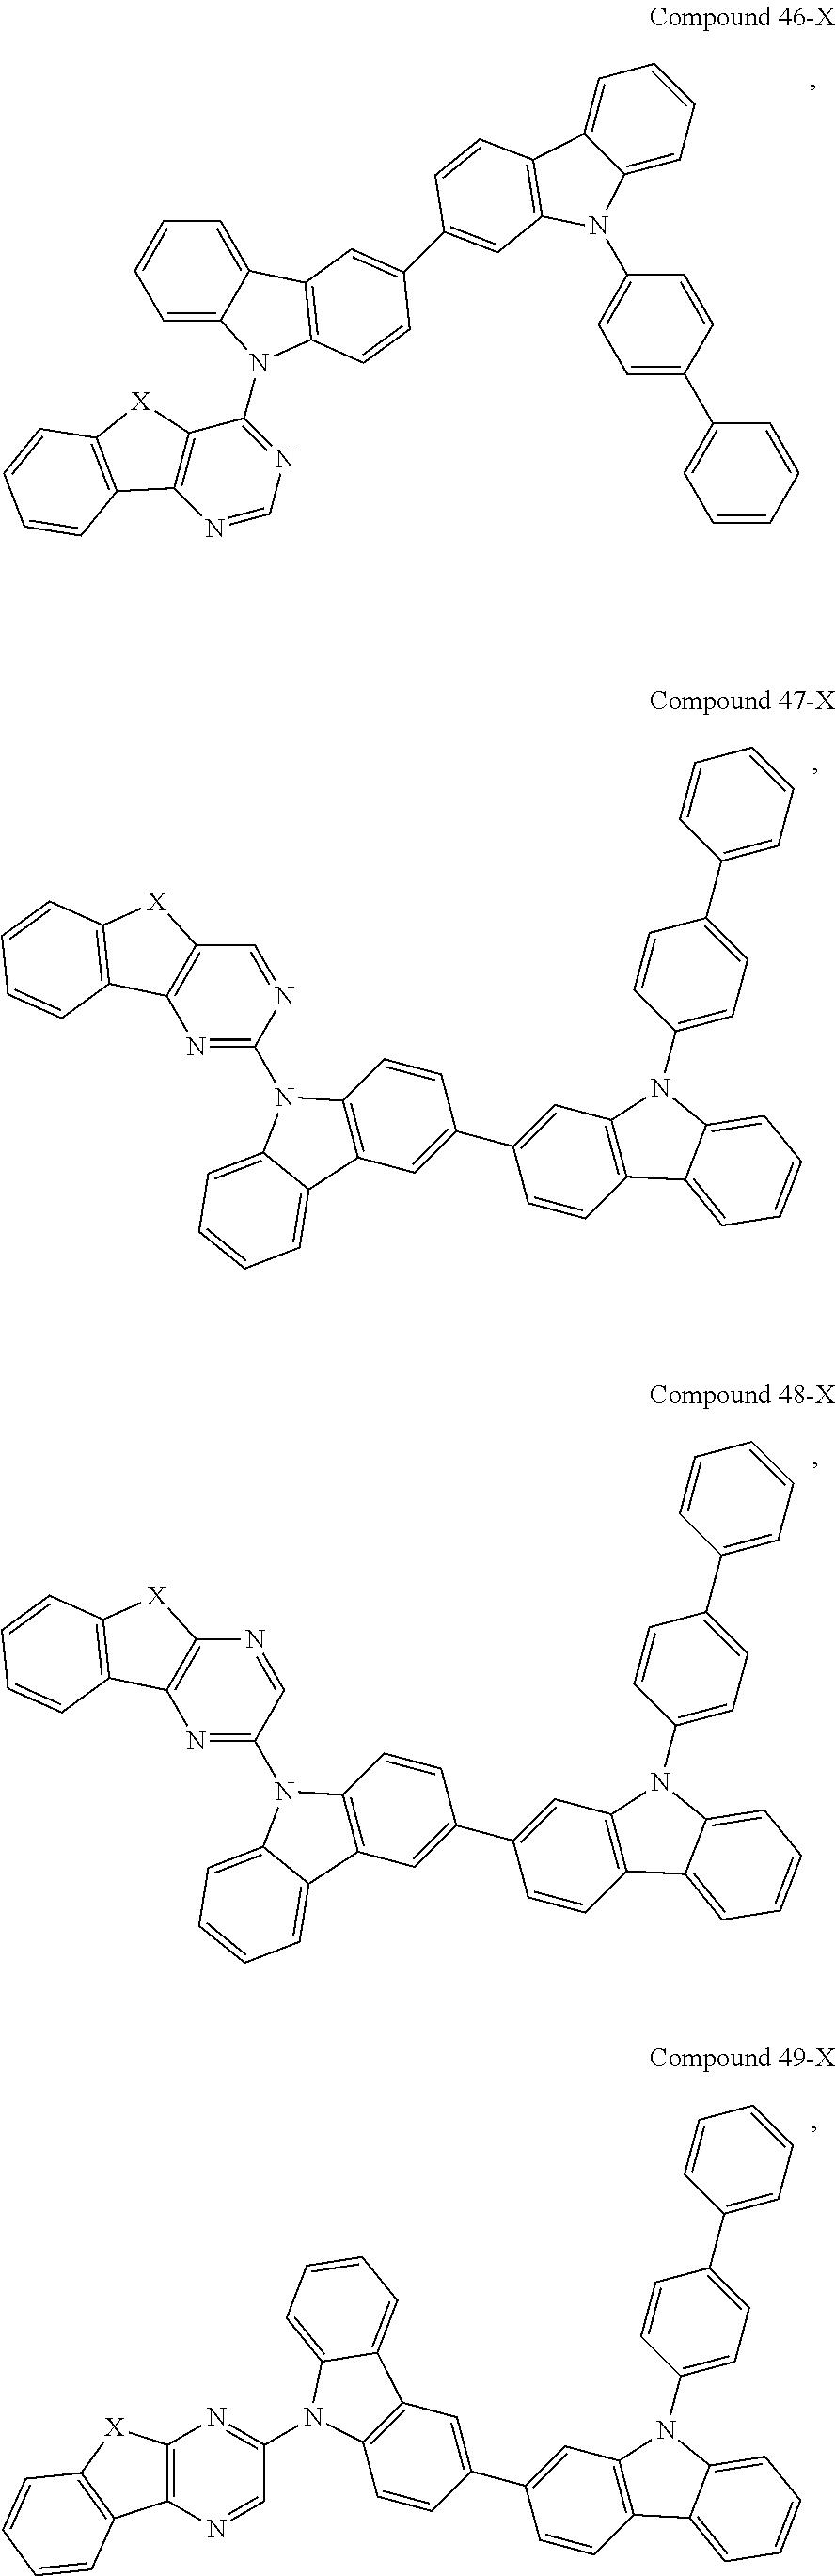 Figure US09553274-20170124-C00016